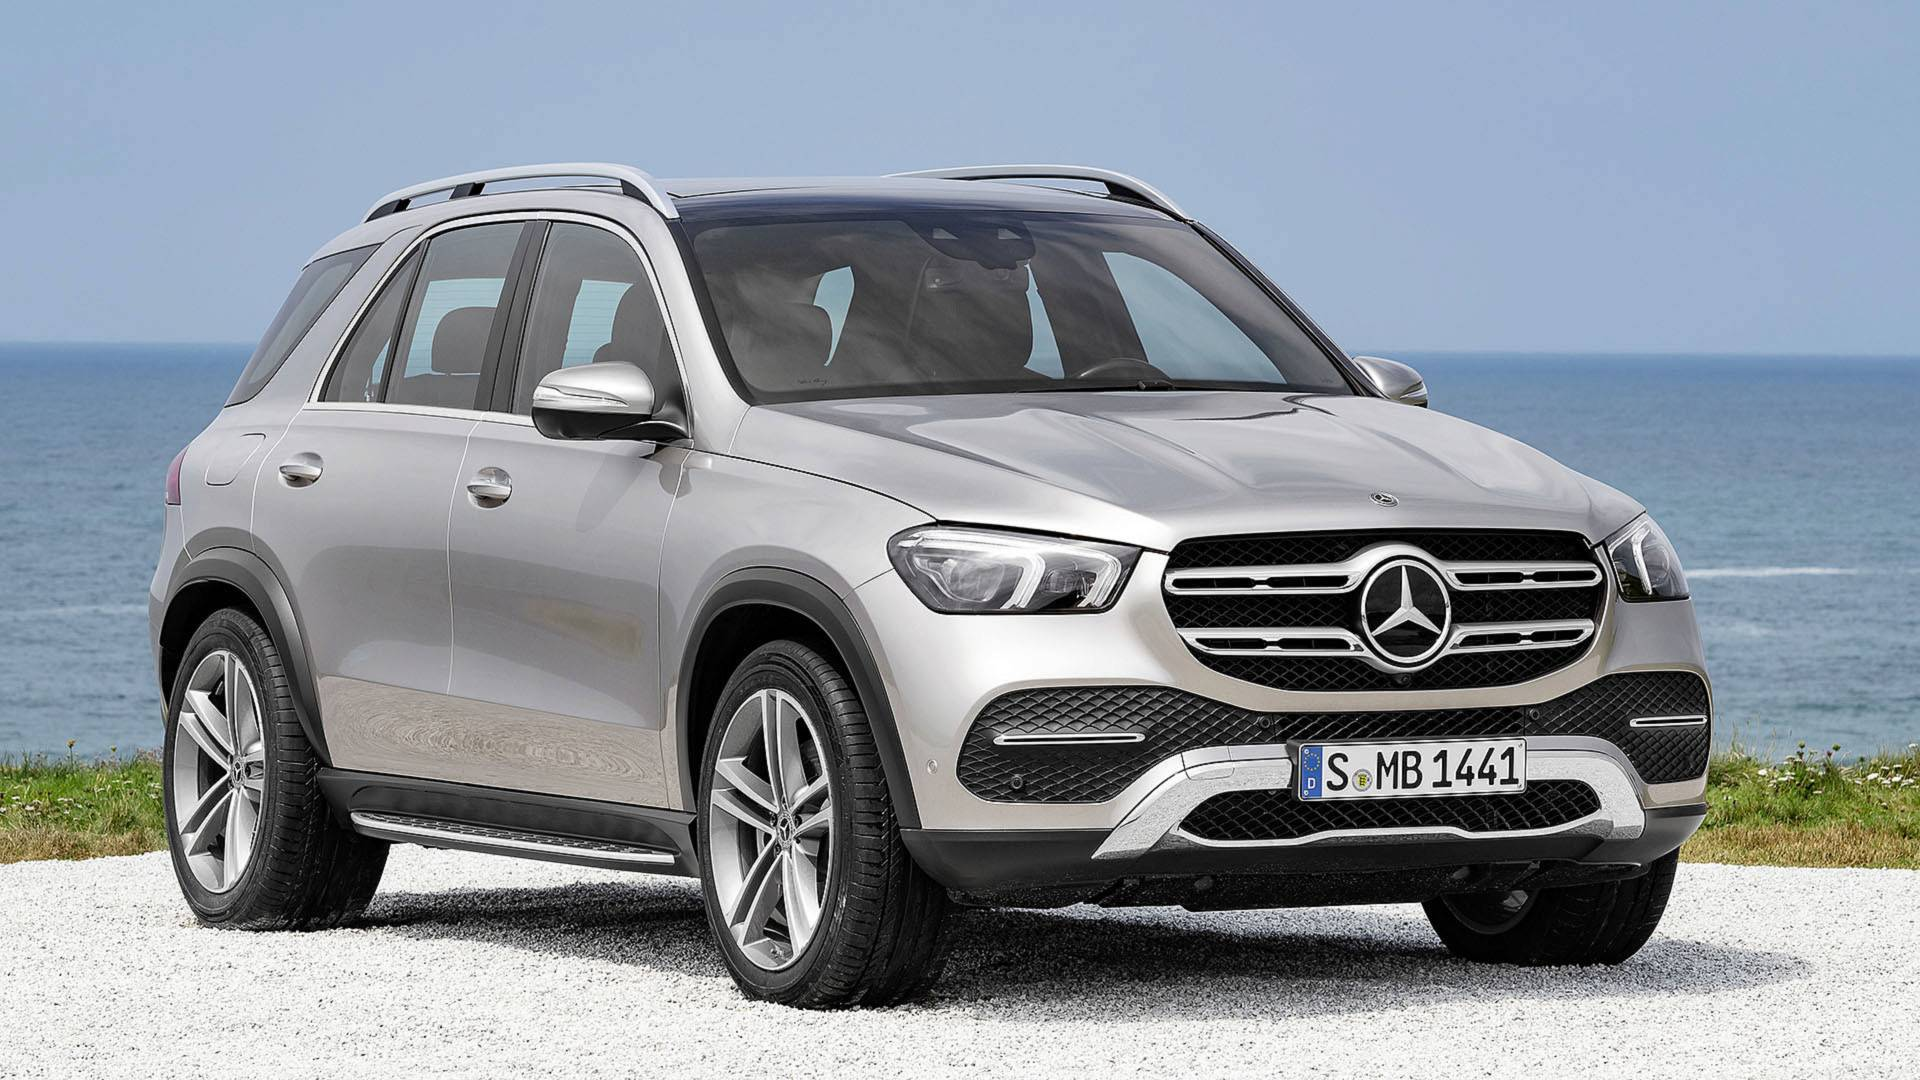 Видеозапись с кроссовером Mercedes‐Benz GLE опубликовали в Сети